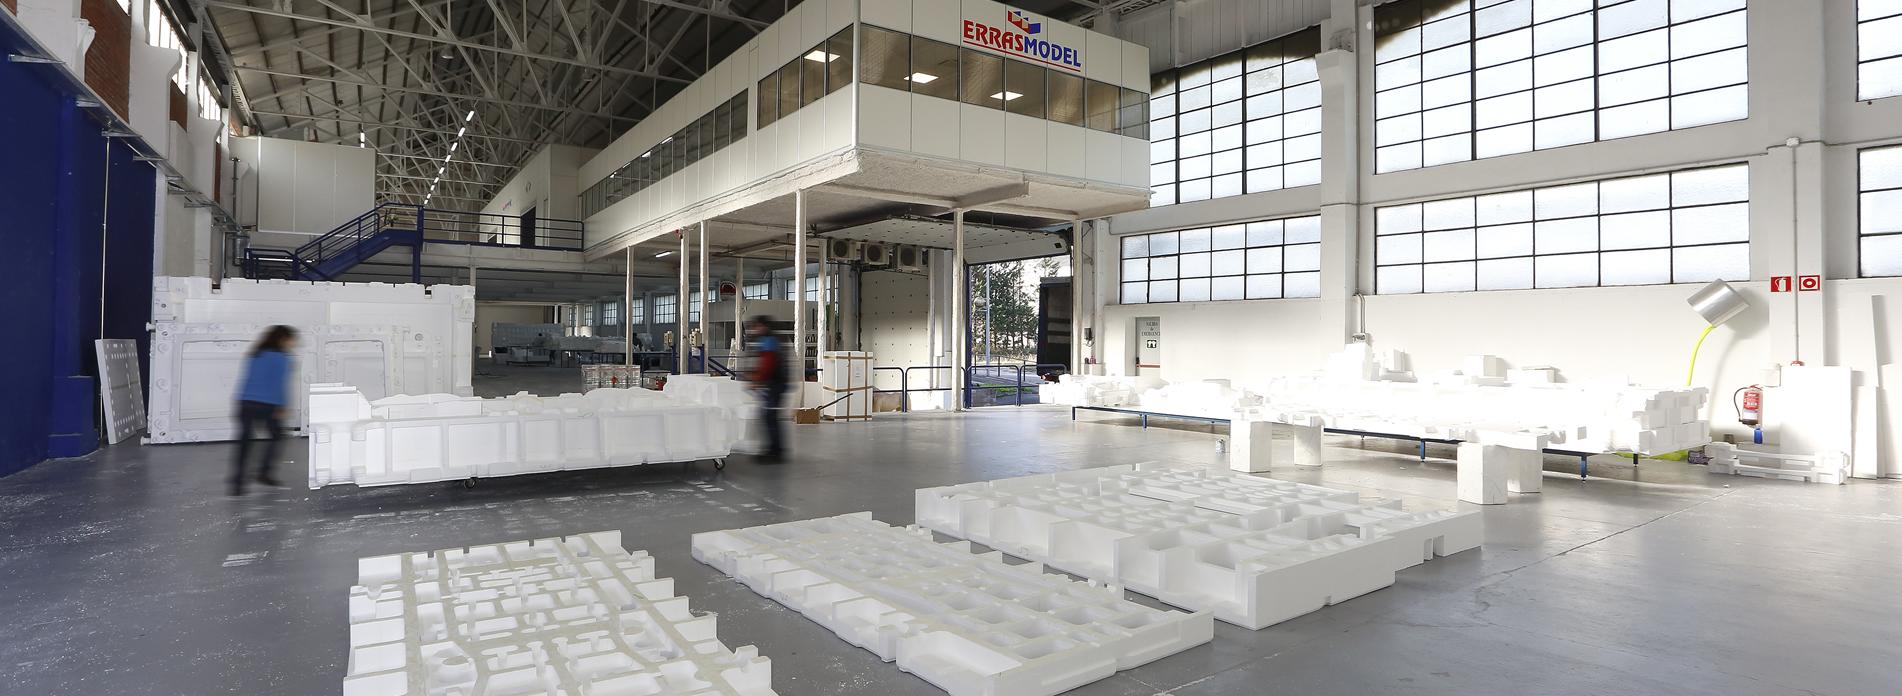 Especialistas en la fabricación de modelos de poliestireno de fundición para troquelería destinados al sector de la automoción y máquina herramienta